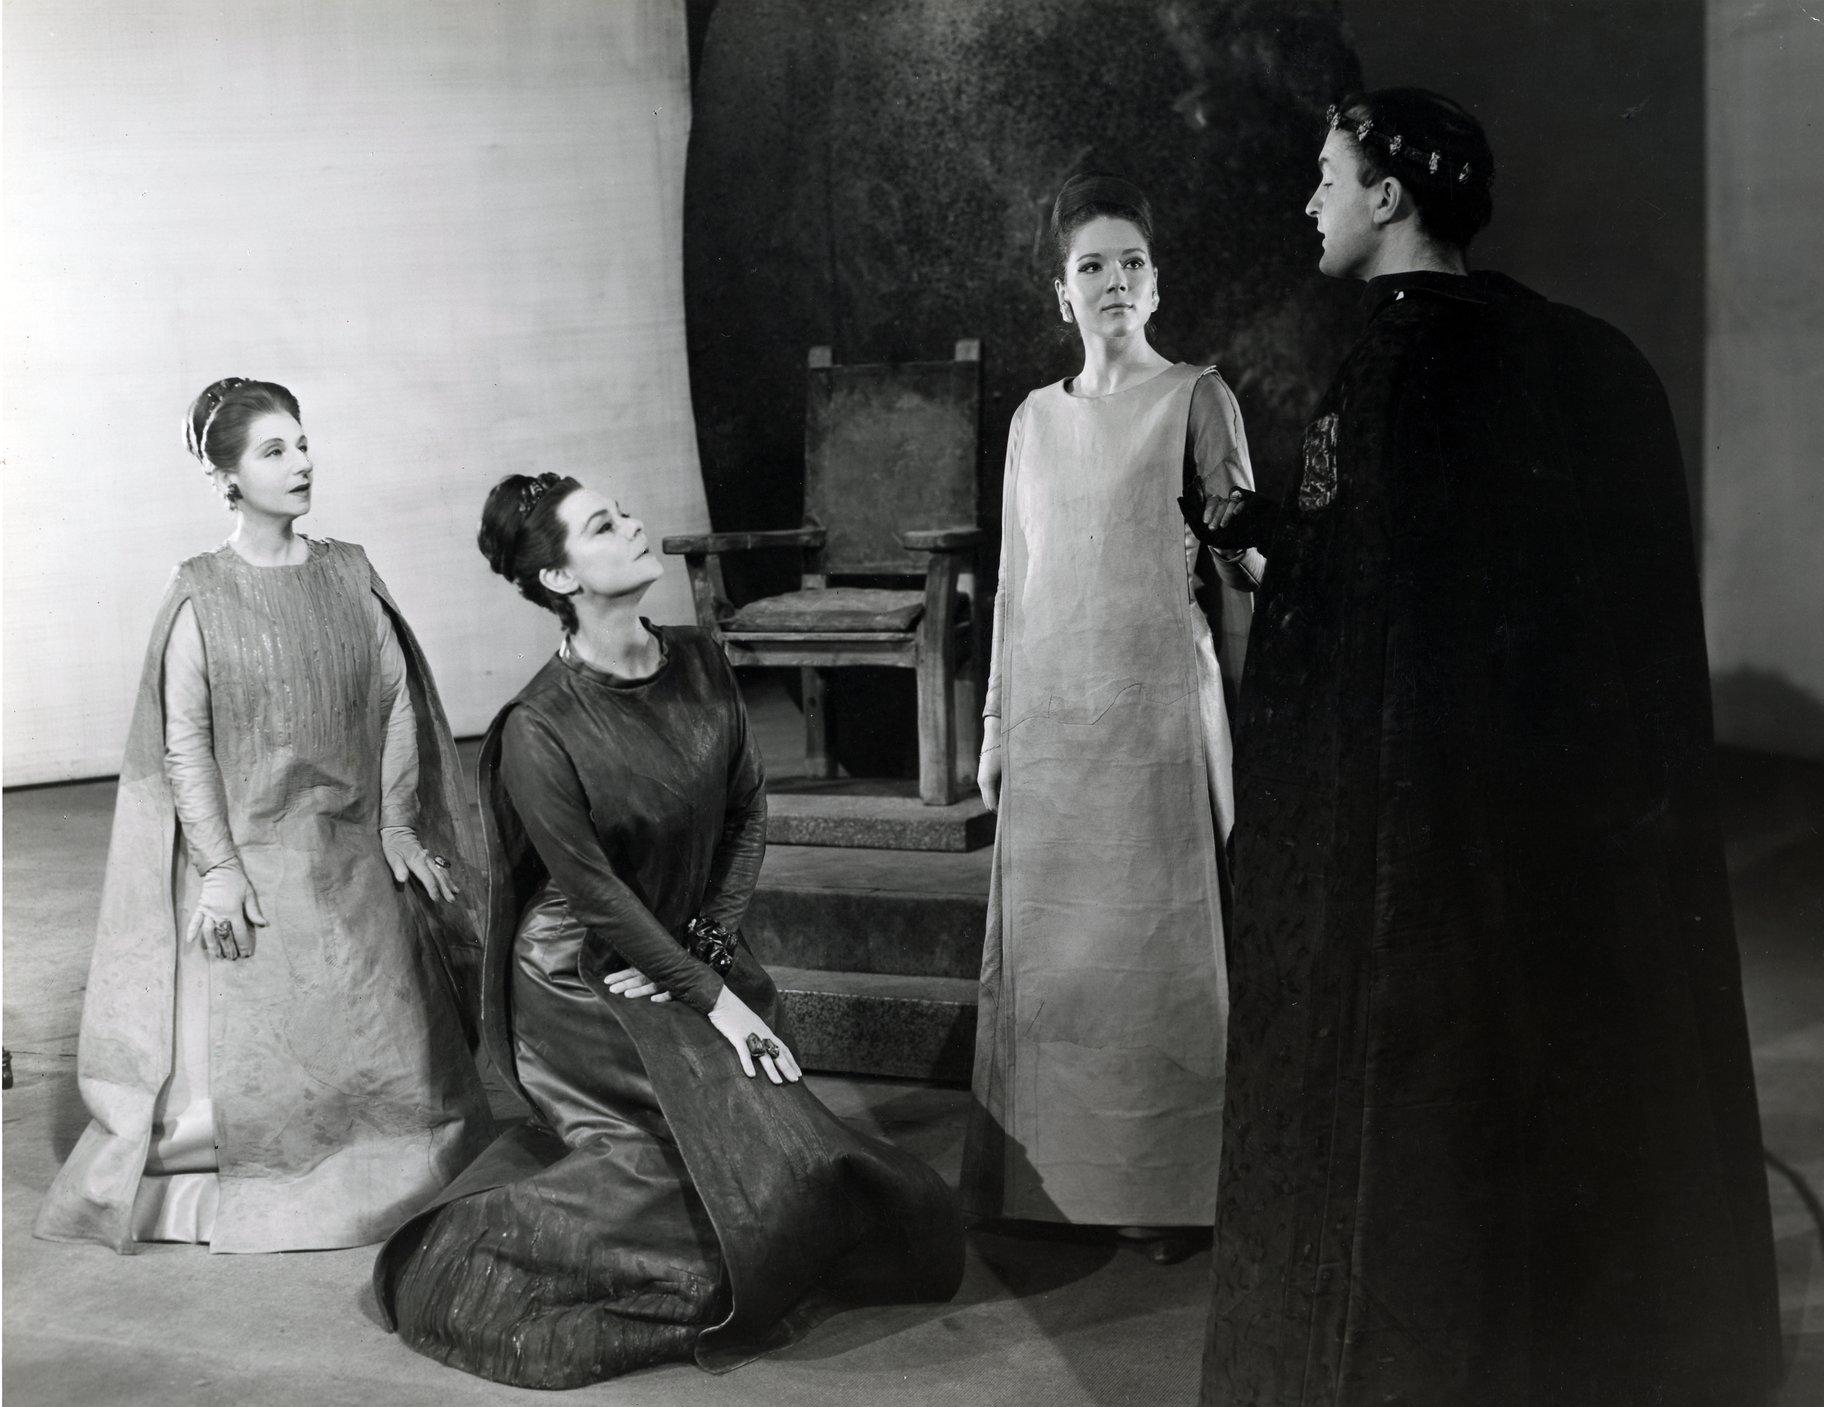 Three women listen to a man in robes talking.